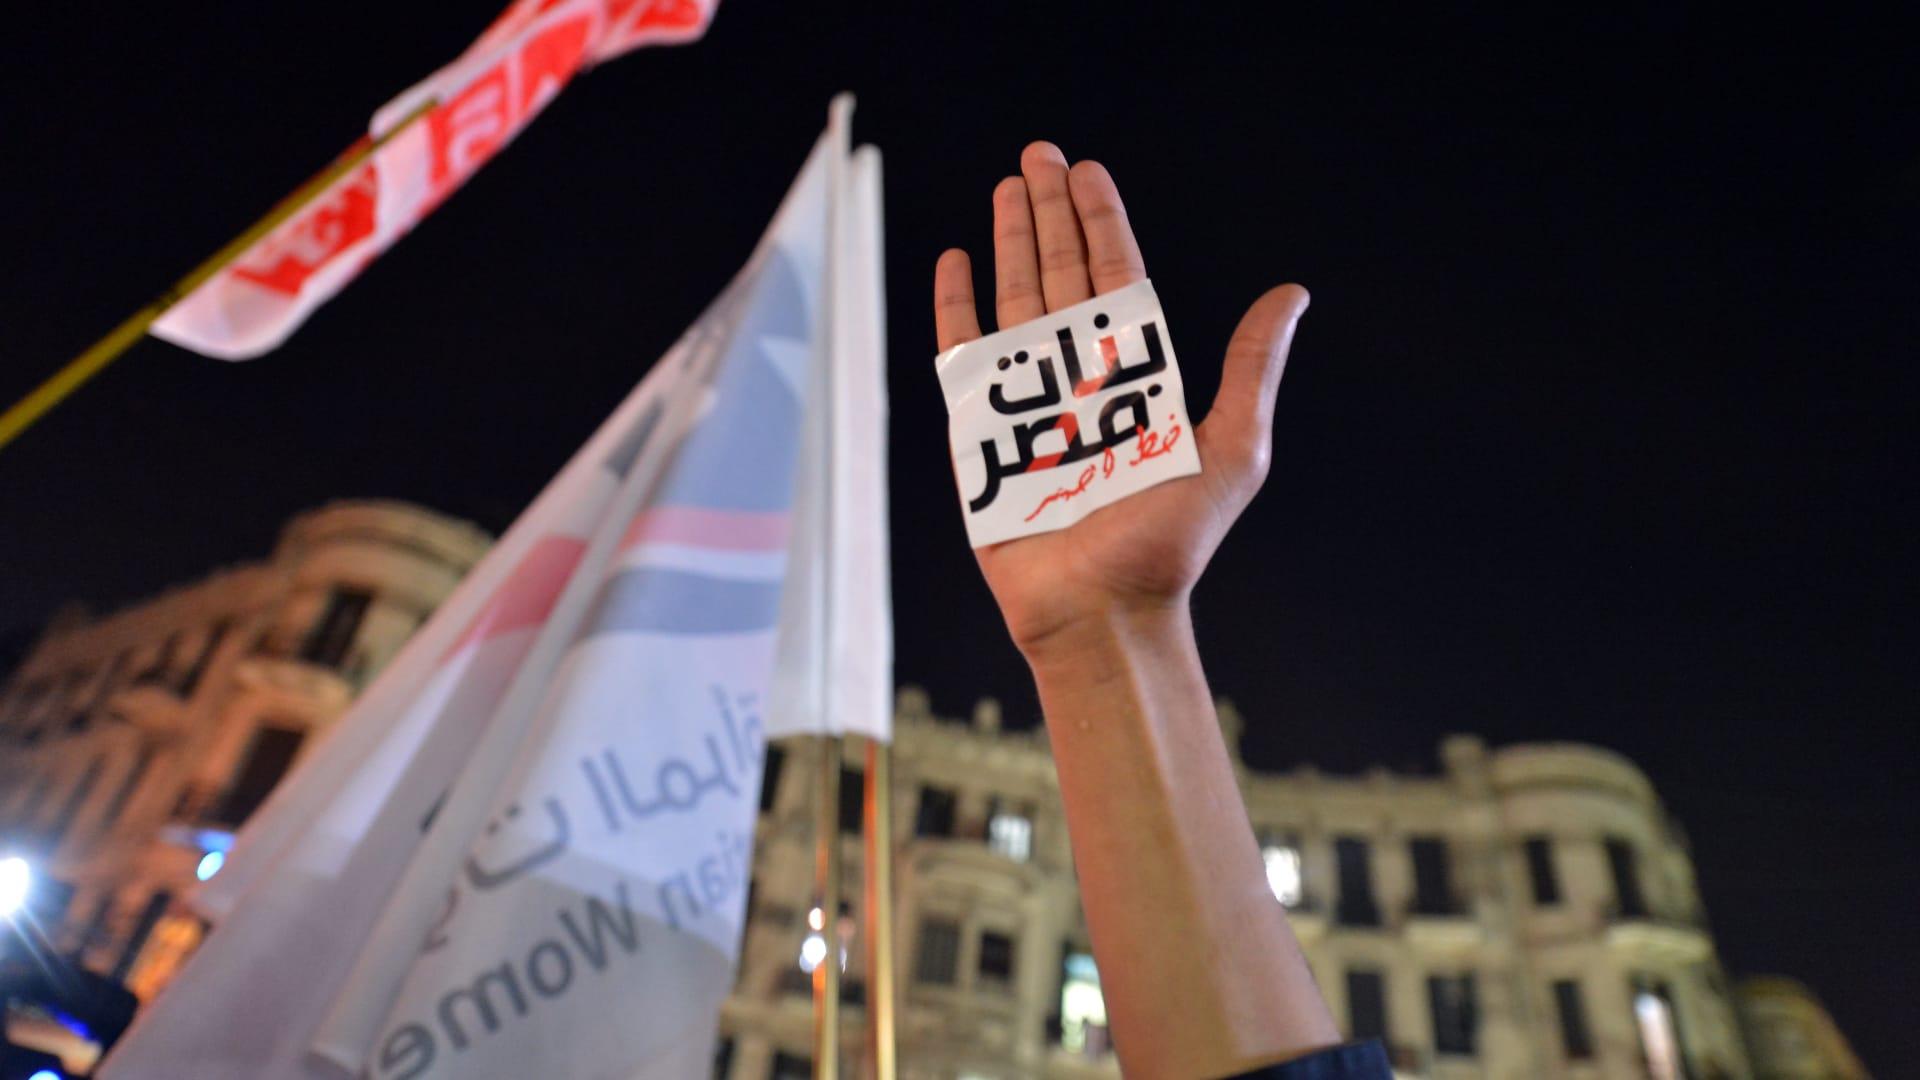 التحرش حديث الساعة في مصر.. وانتقادات لتبرير حدوثه بسبب ملابس الفتيات